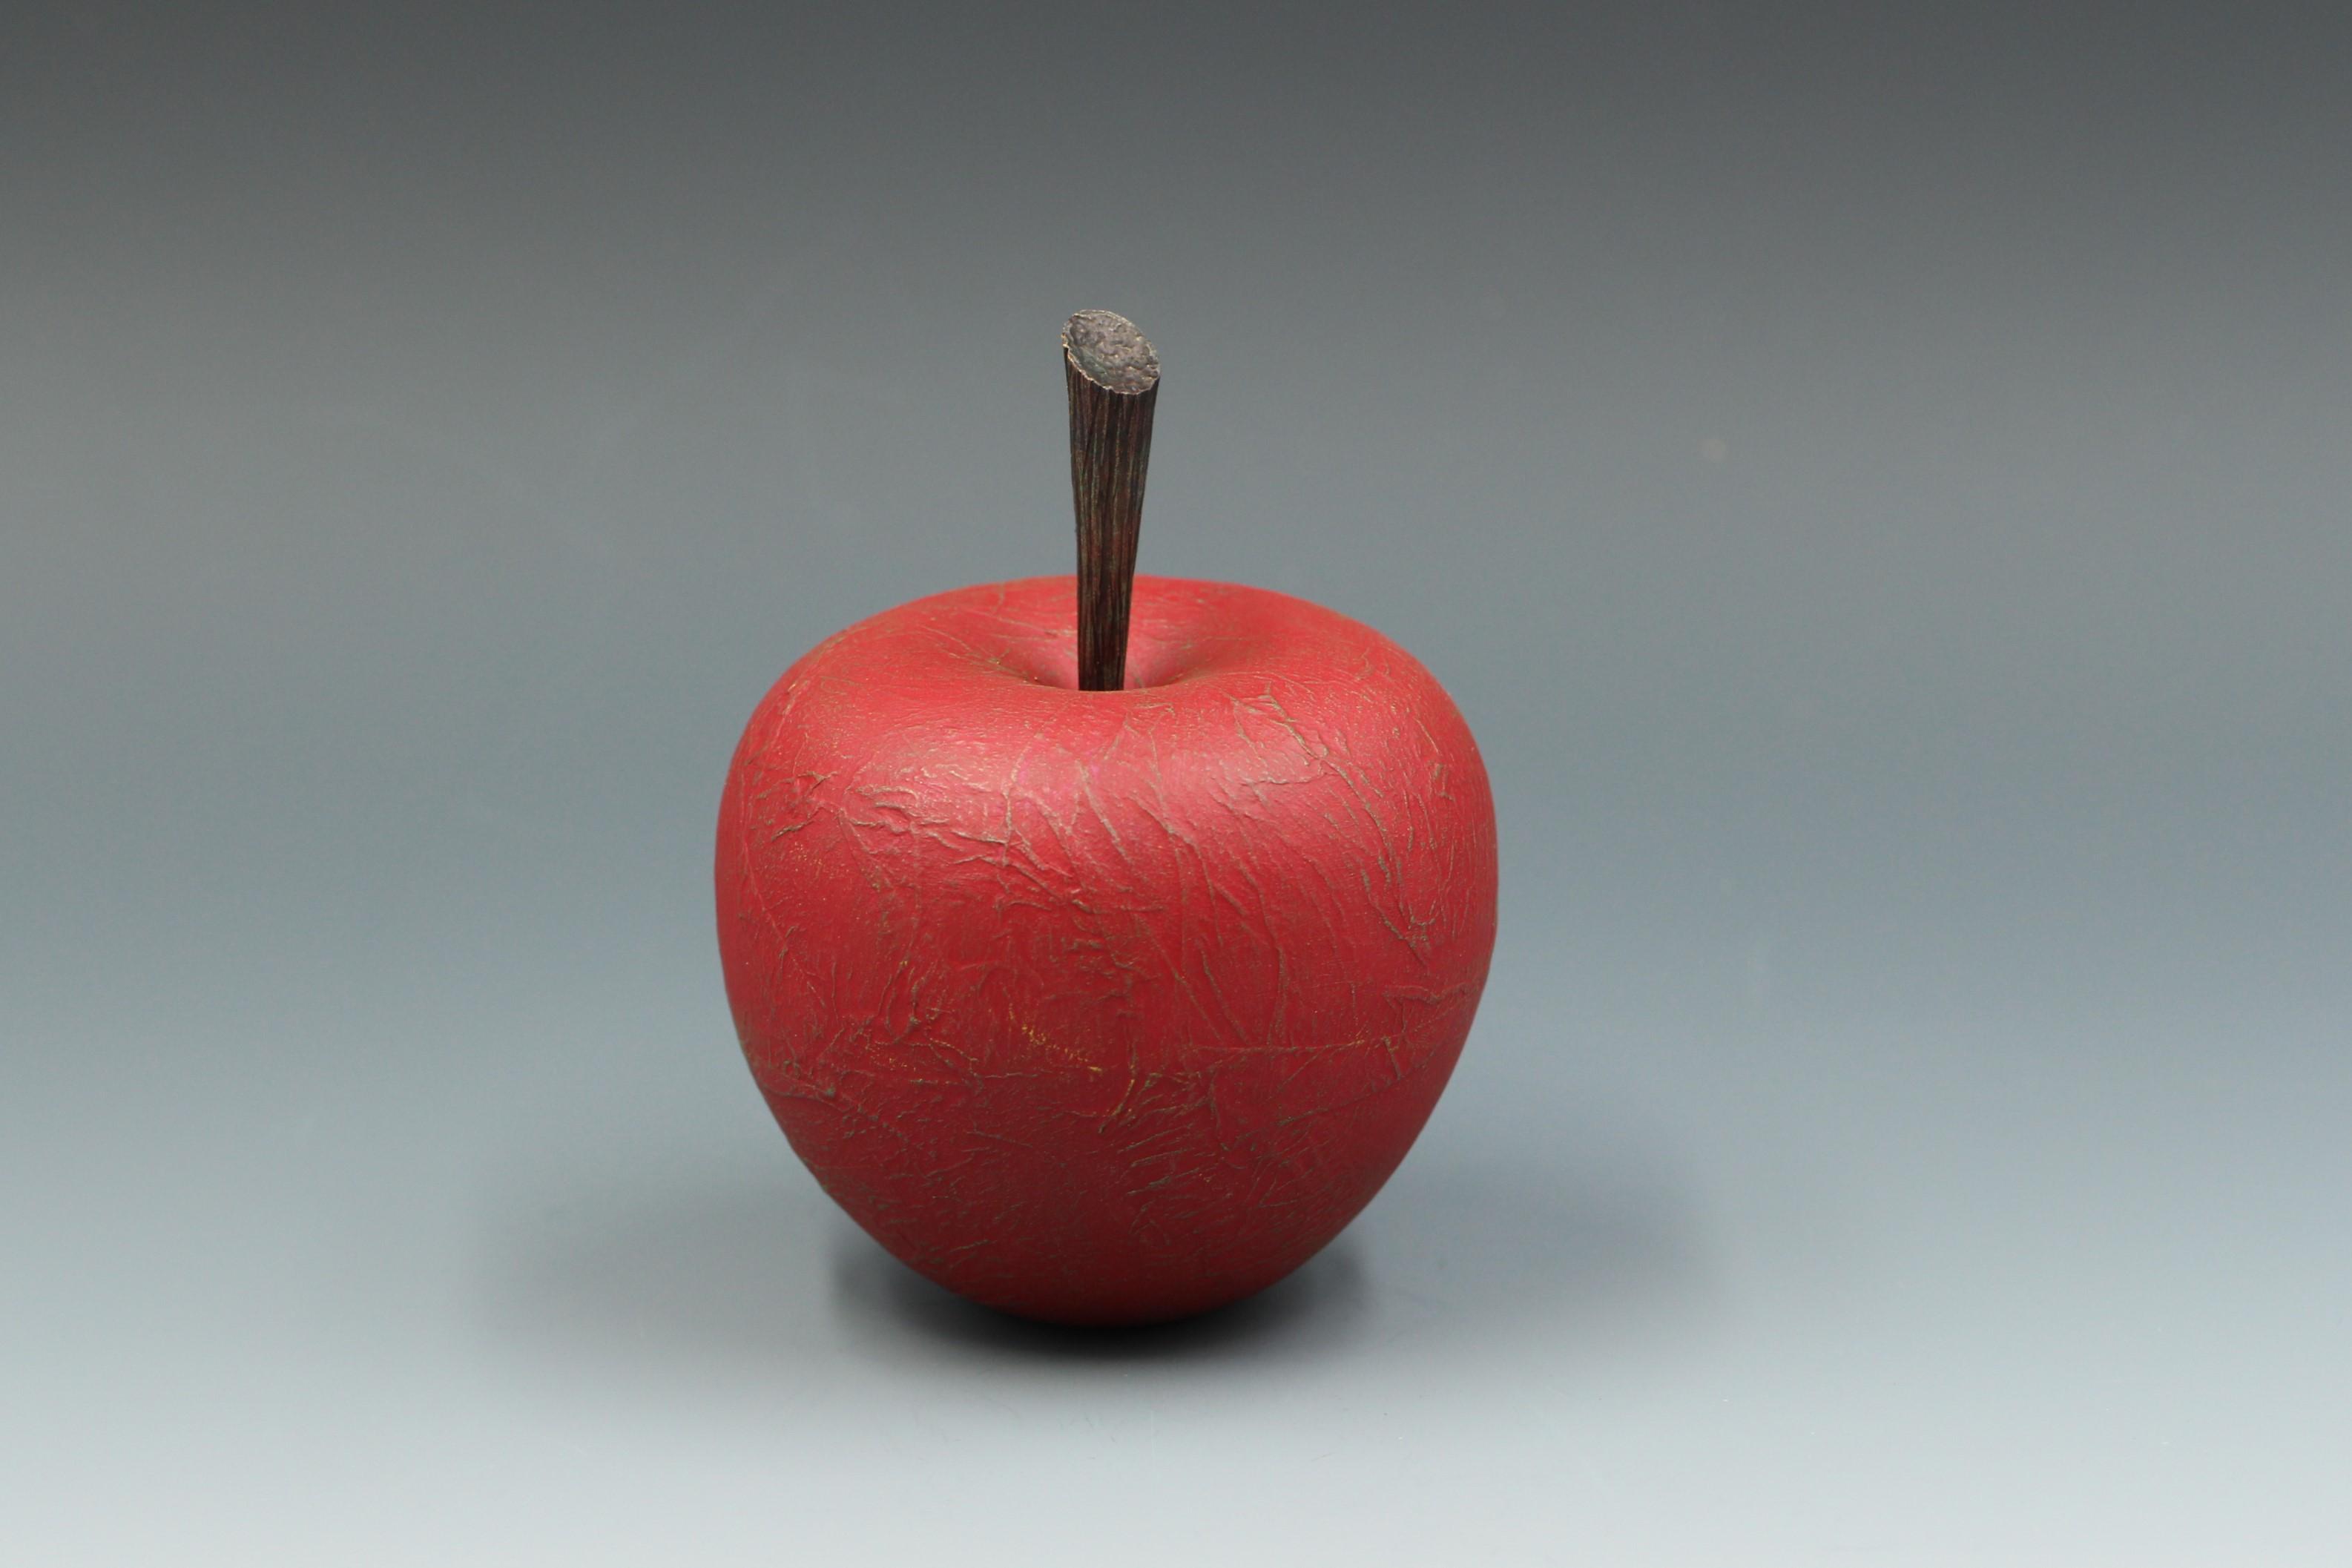 Pomme Cuir Rouge  - La Boissellière - Lydie Billon -(1)